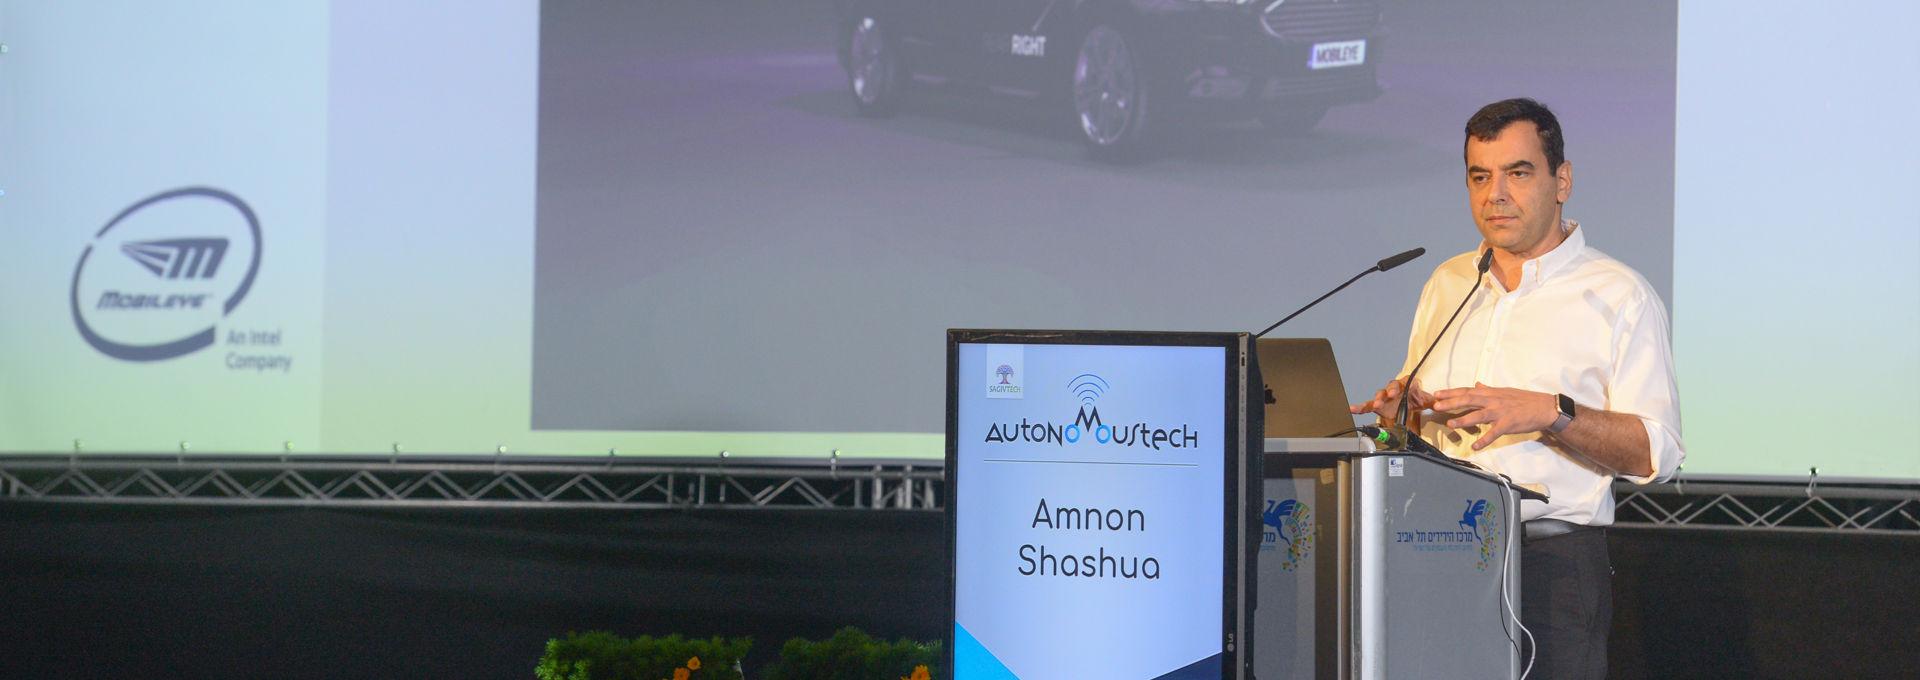 Project Page - AutonomouTech